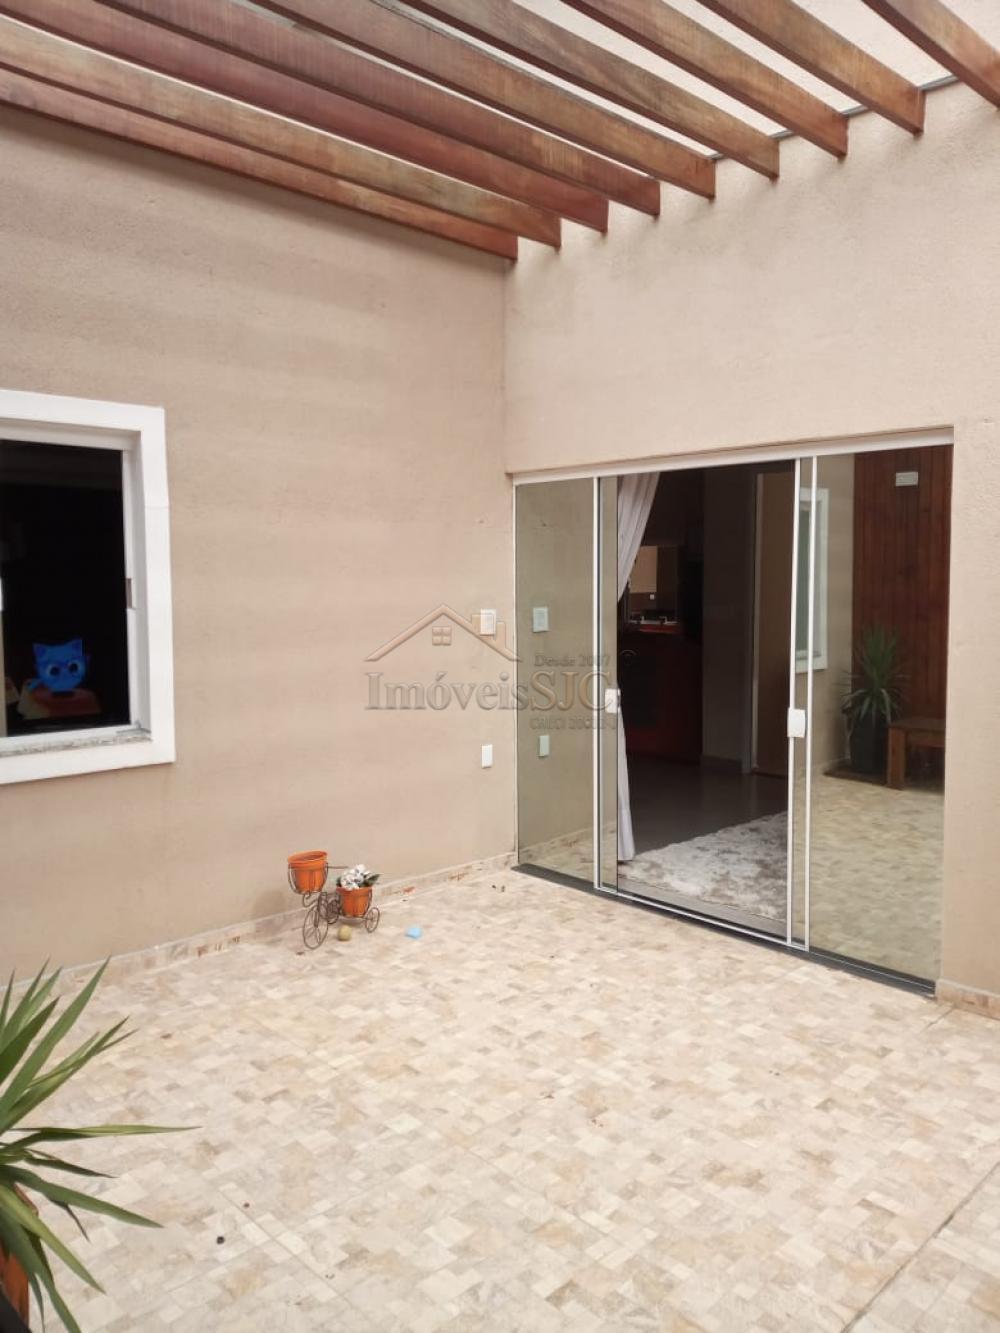 Comprar Casas / Padrão em São José dos Campos apenas R$ 830.000,00 - Foto 5